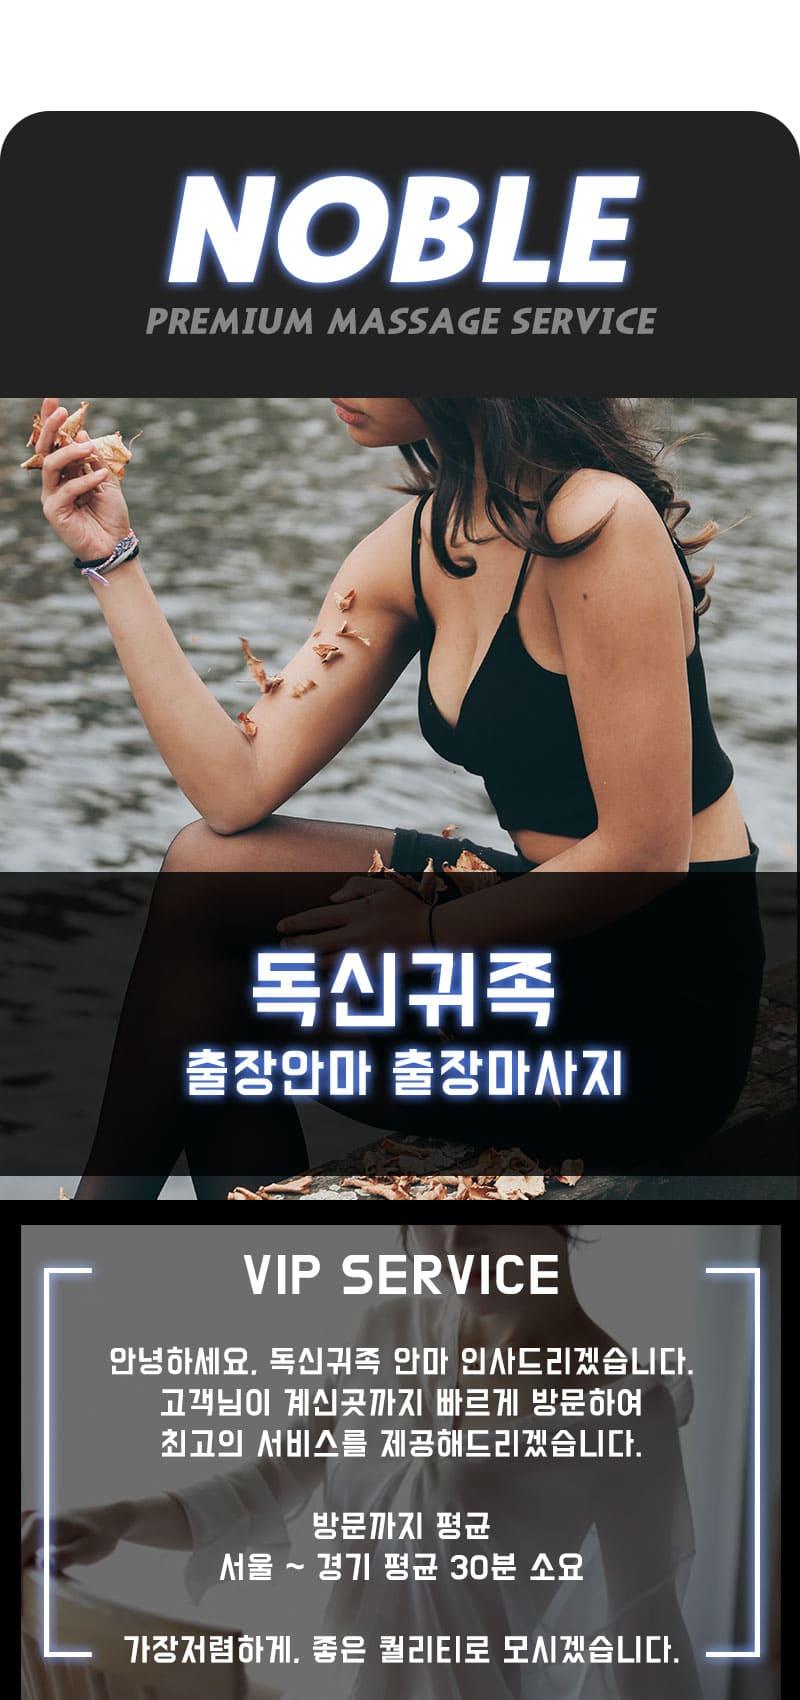 도봉구출장안마 소개